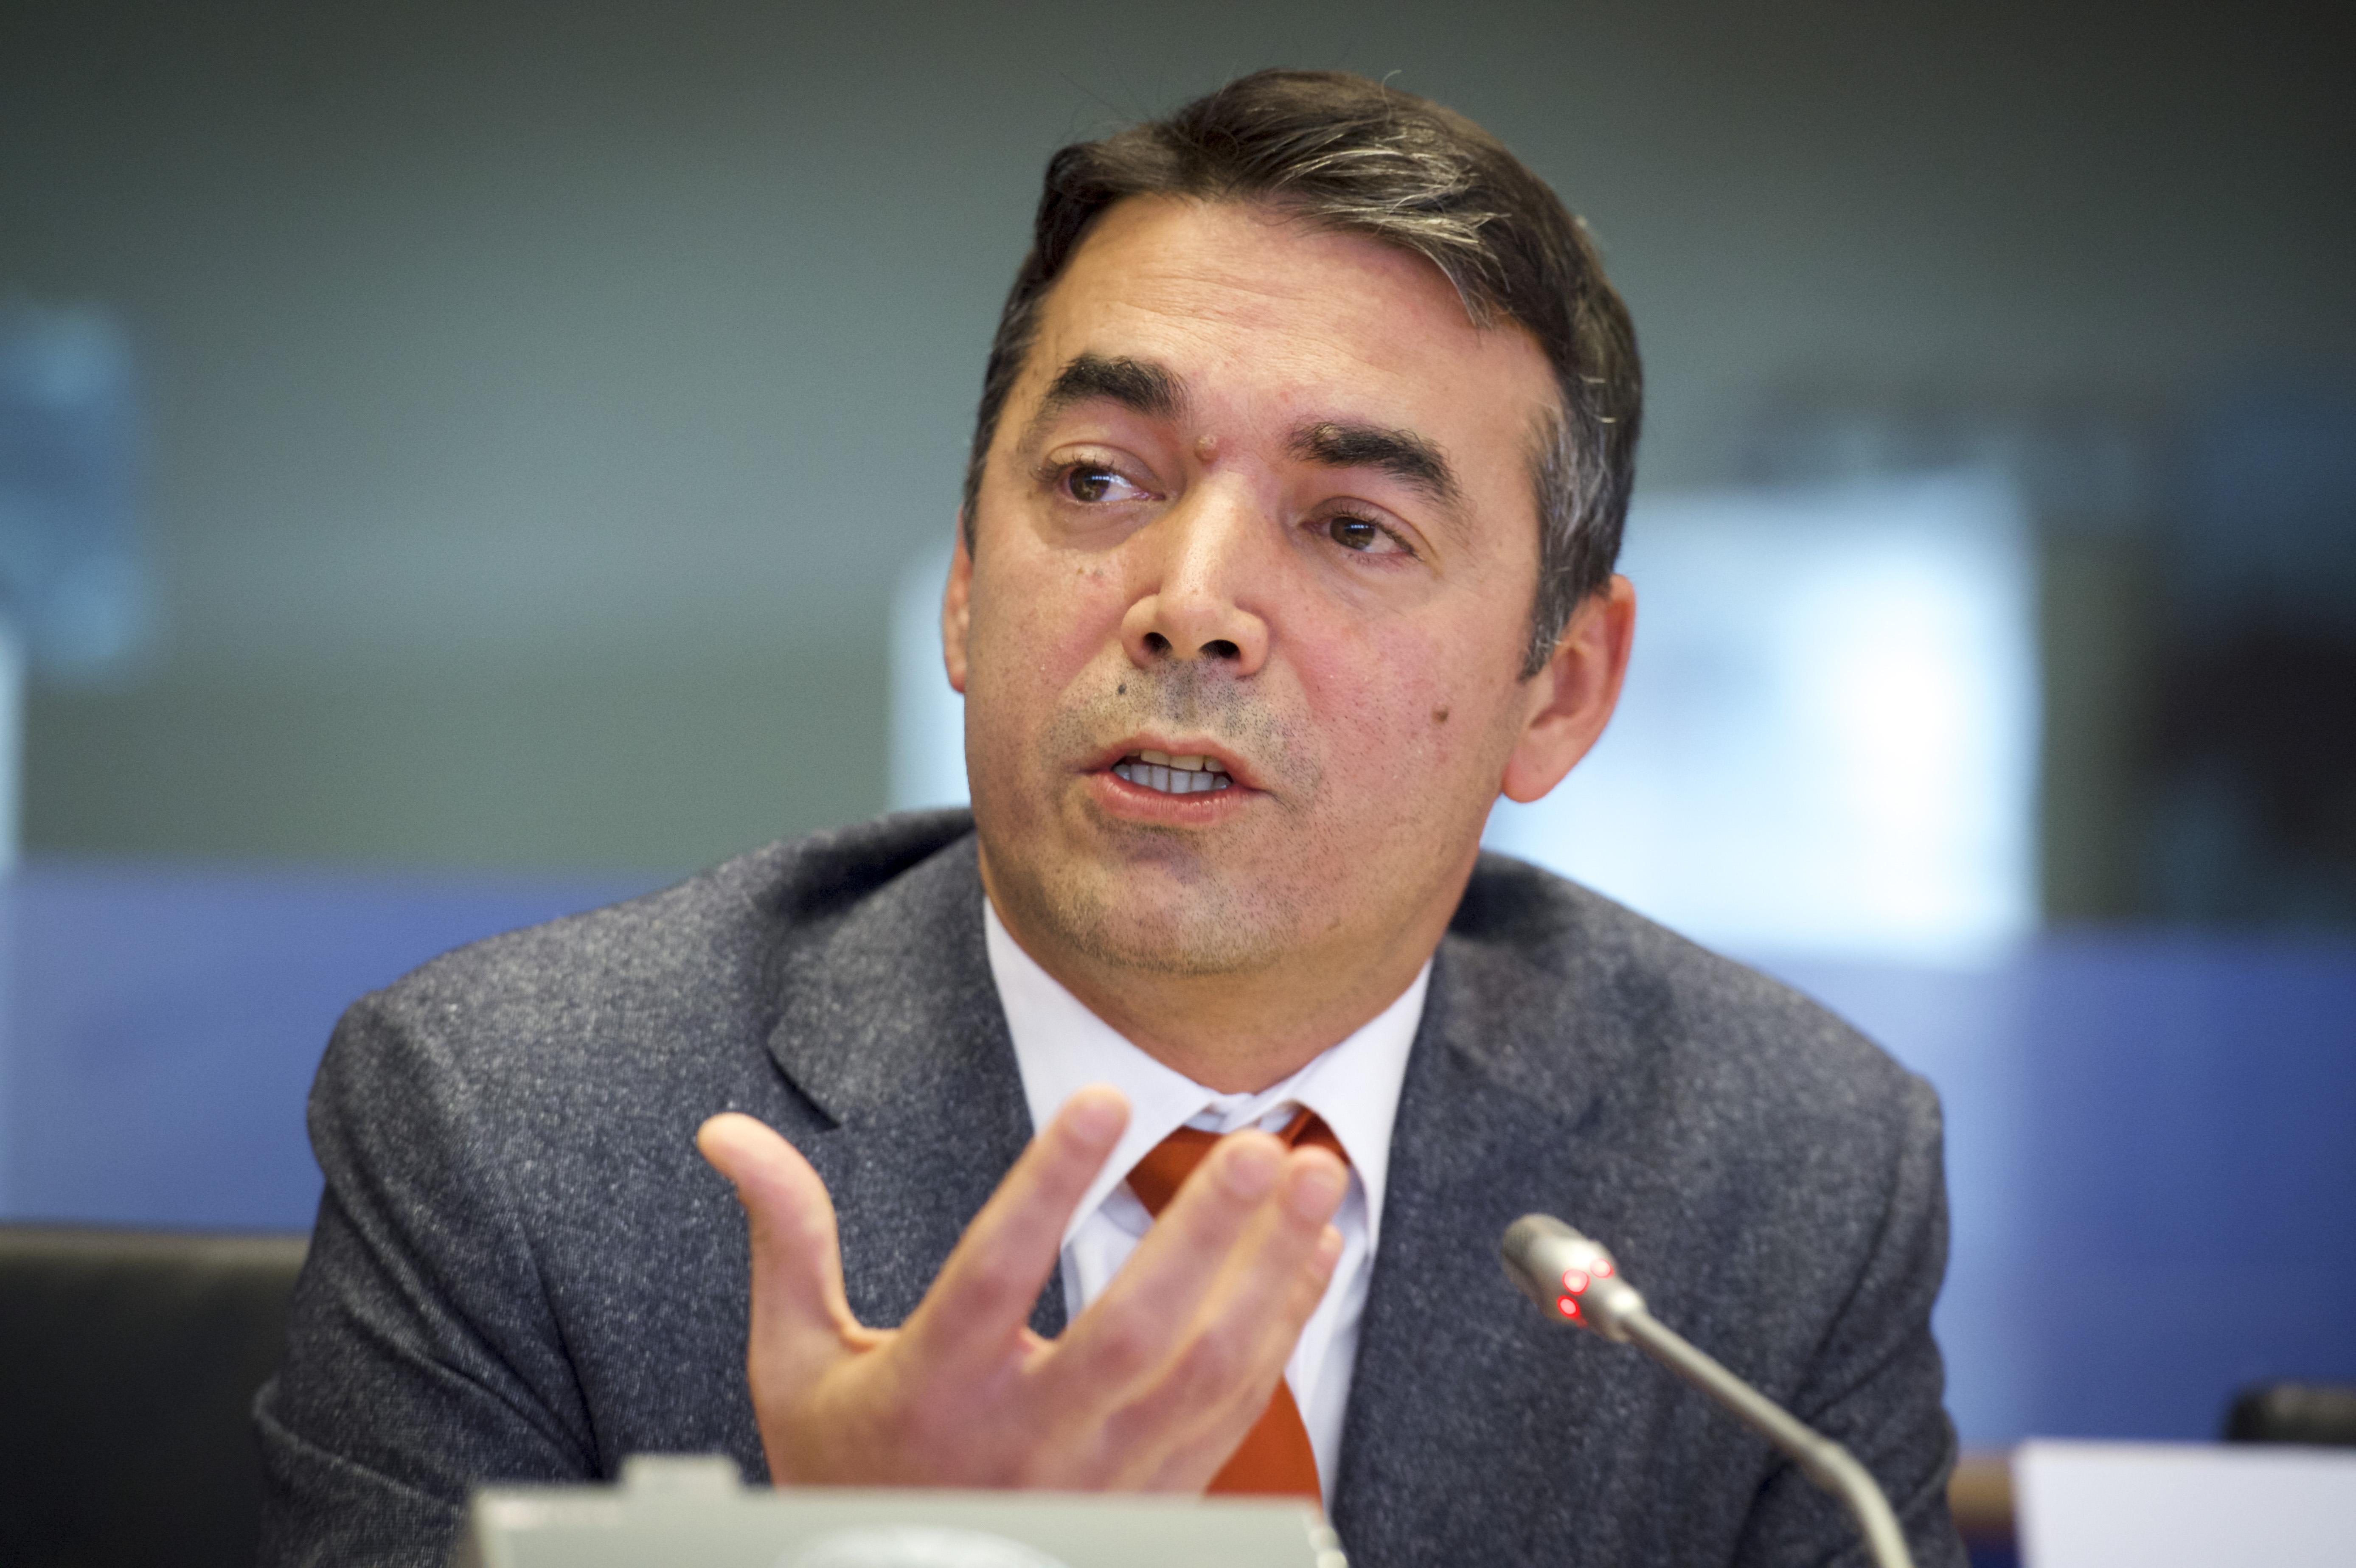 Nikola Dimitrov; Photo: European Union